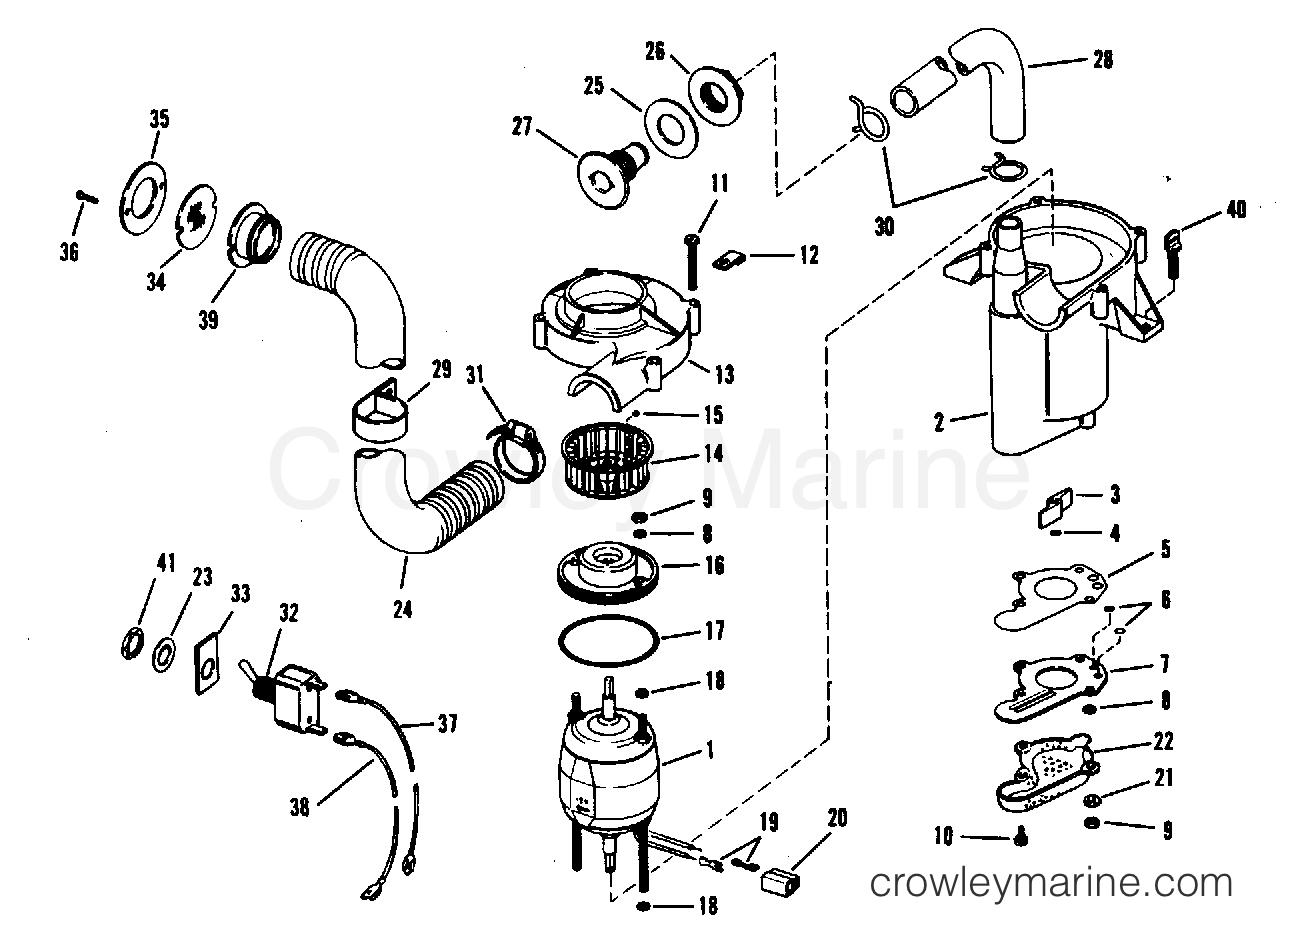 1968 OMC Stern Drive 90 - DU-15S BILGE PUMP & VENT FAN ASSEMBLY-PART NO.379326 section